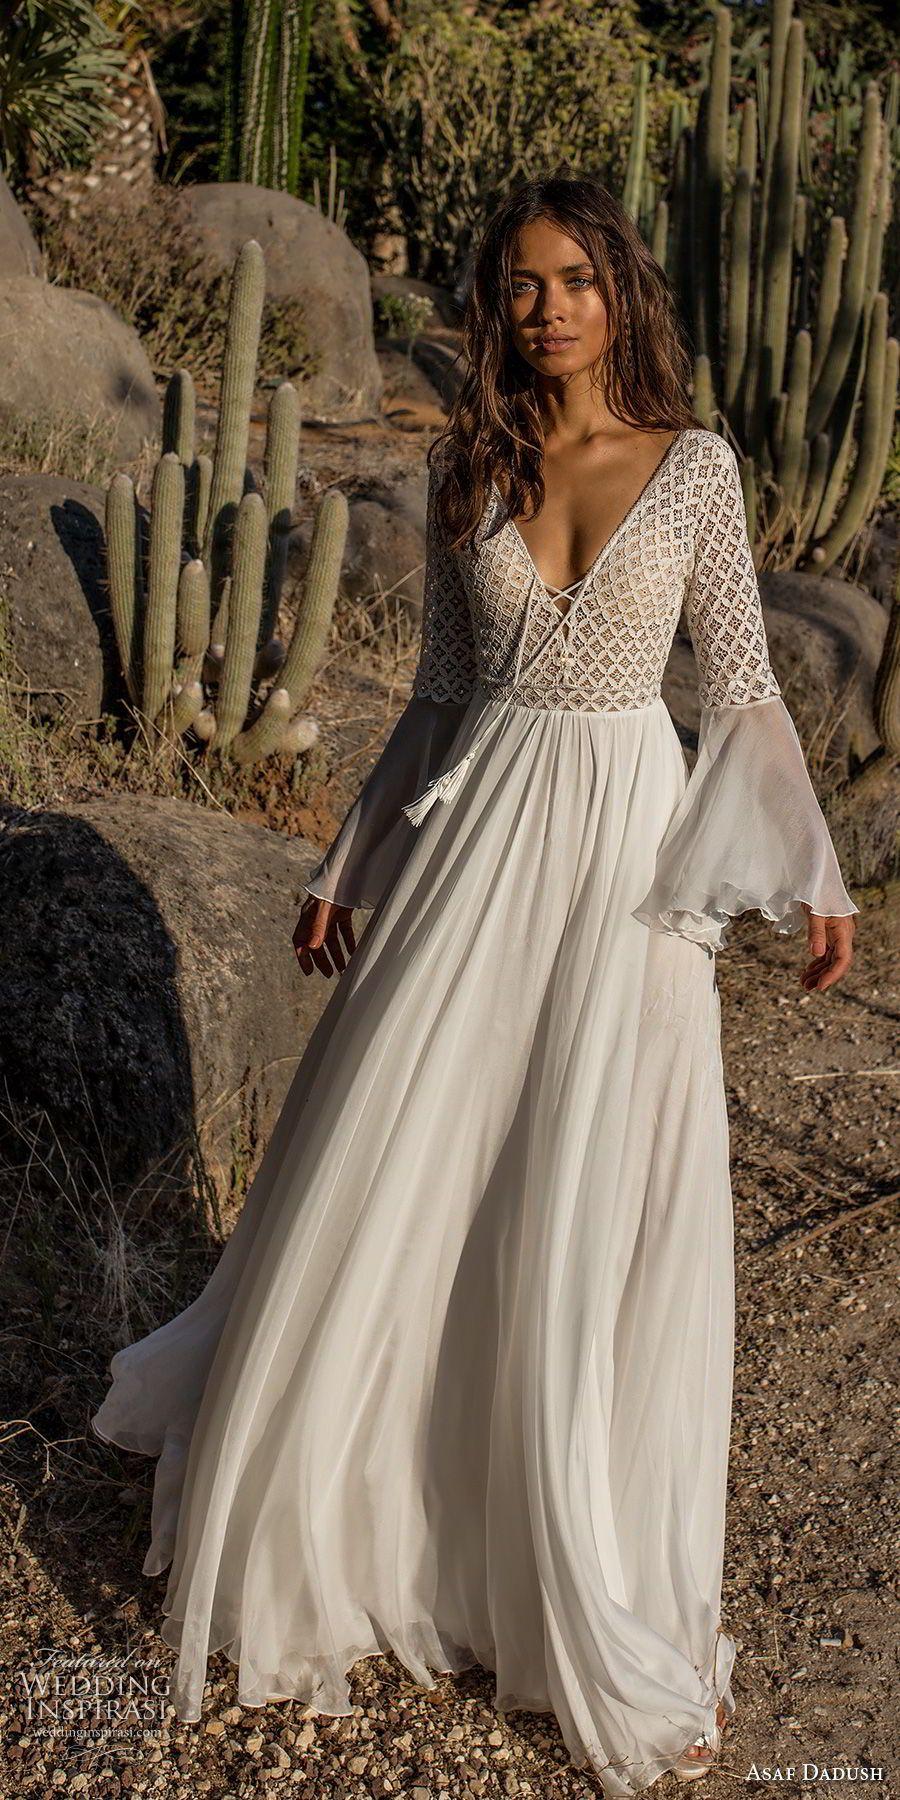 Boho wedding dress with sleeves  Asaf Dadush  Wedding Dresses  Fashion  Pinterest  Bodice